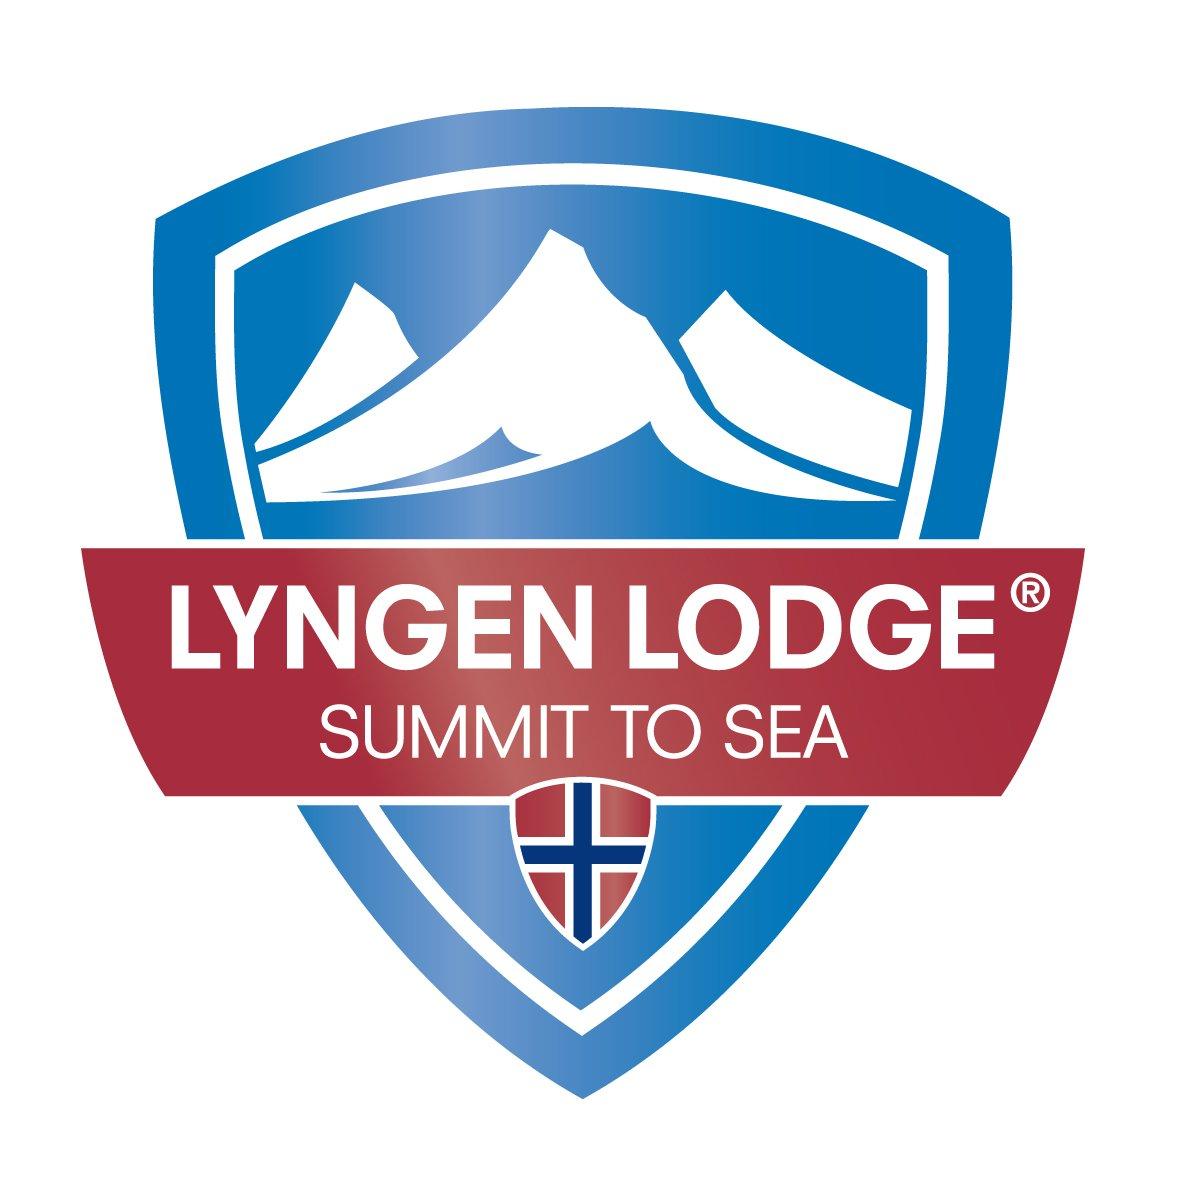 LyngenLogo